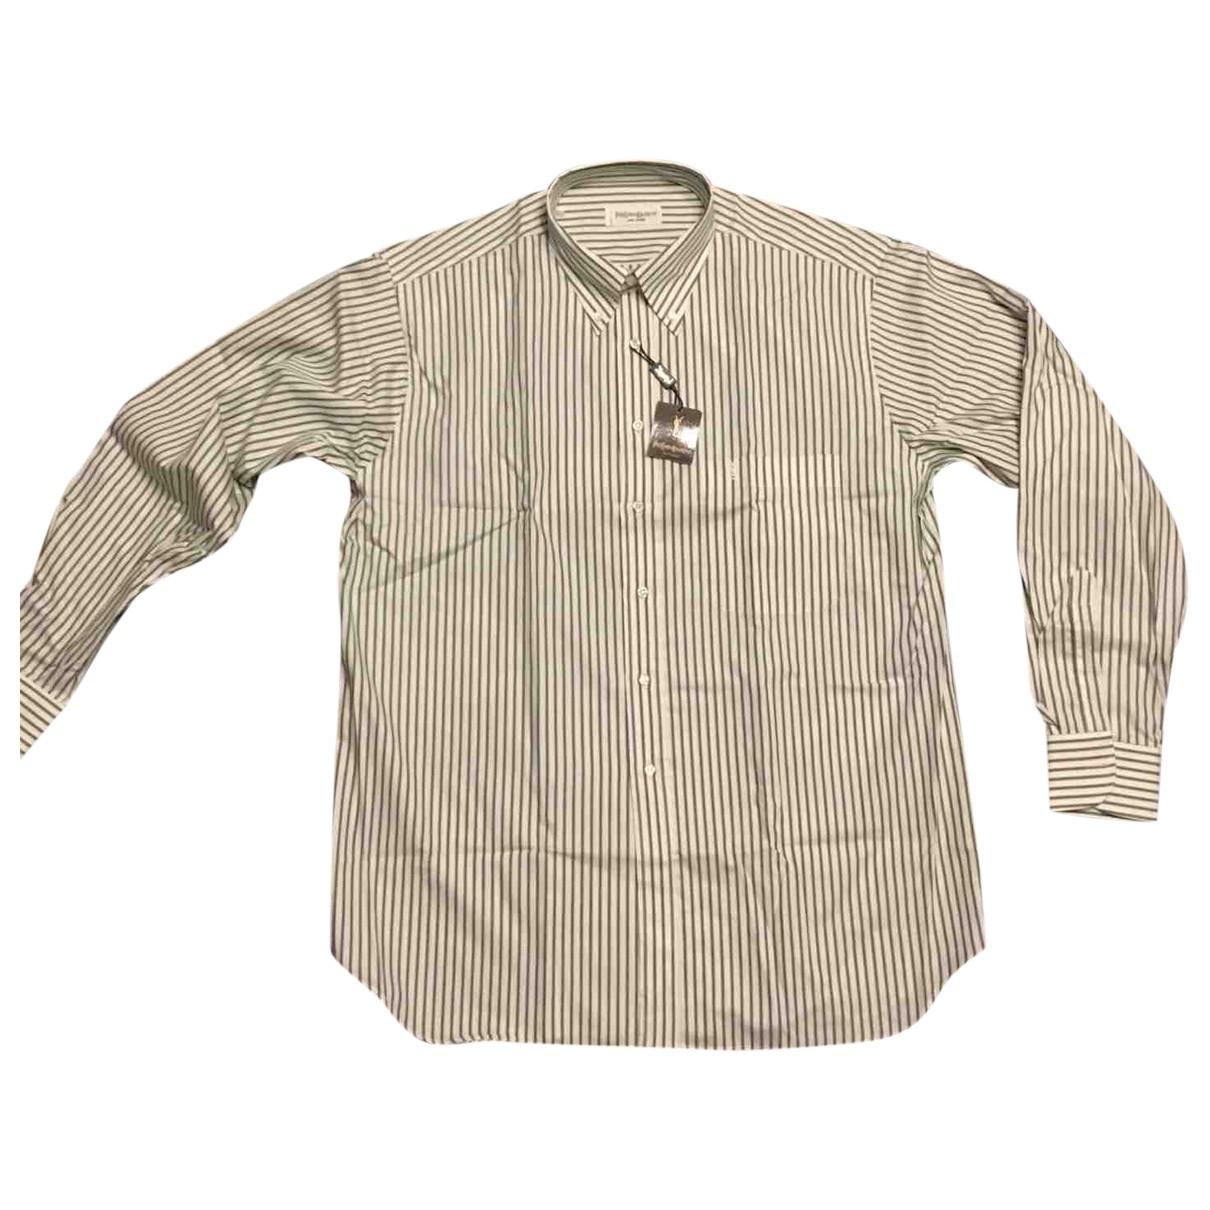 Yves Saint Laurent \N Cotton Shirts for Men 42 EU (tour de cou / collar)